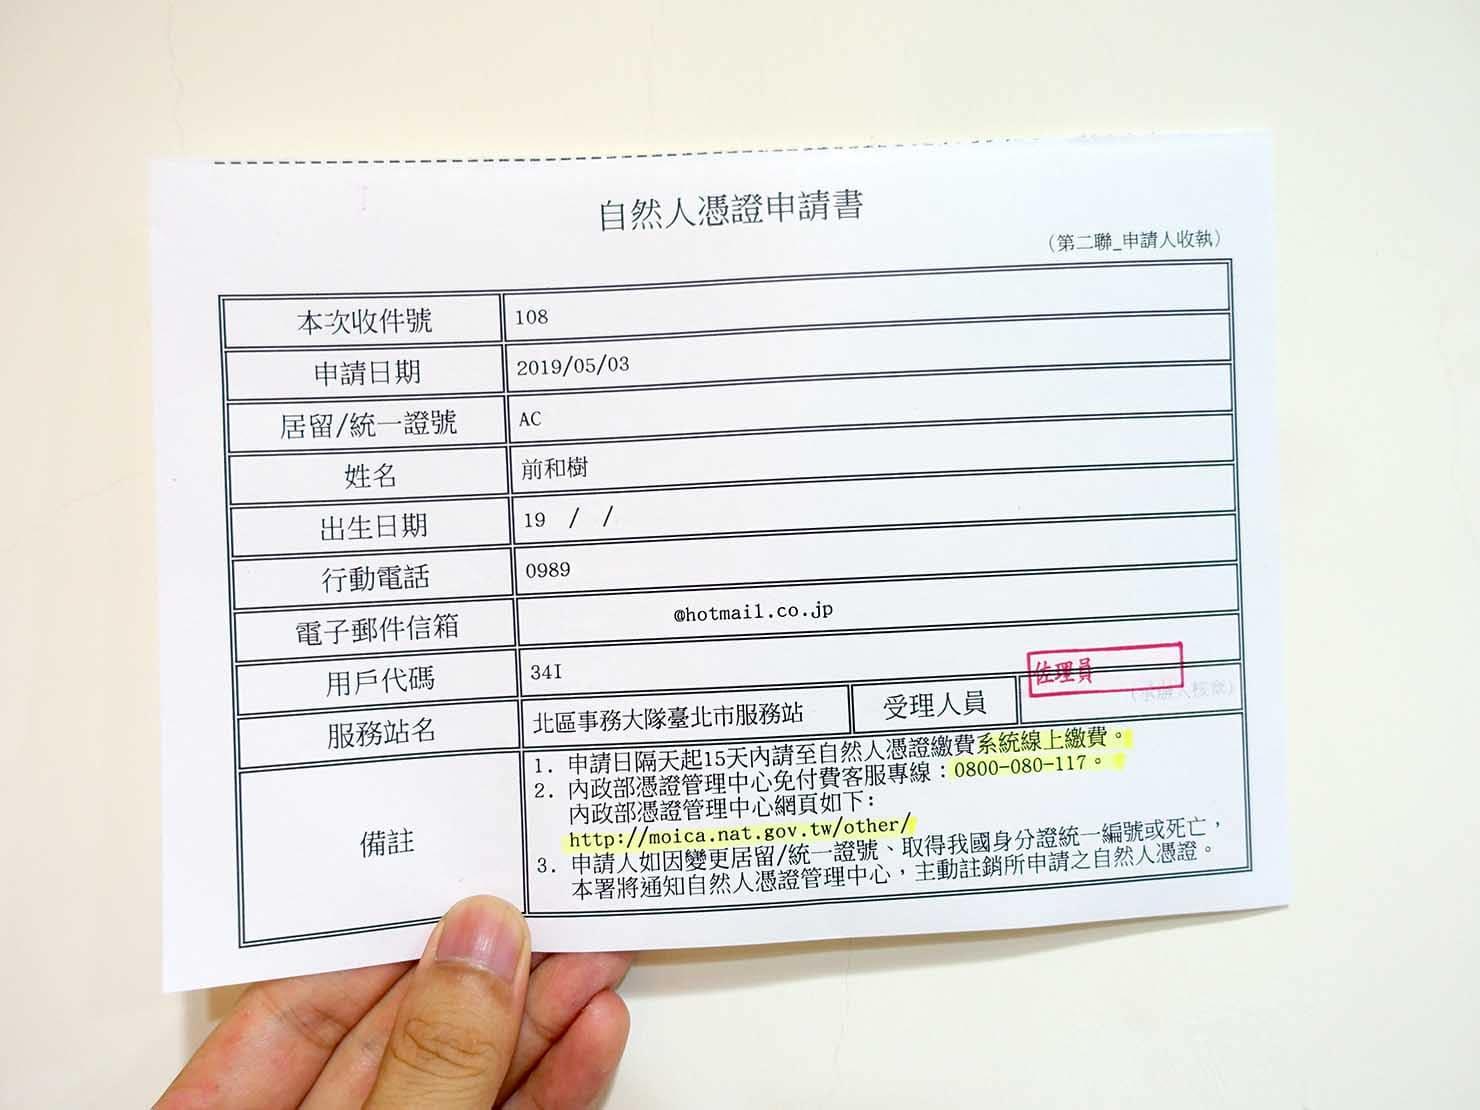 台湾のデジタル身分証明書「自然人憑證」申請書類の控え